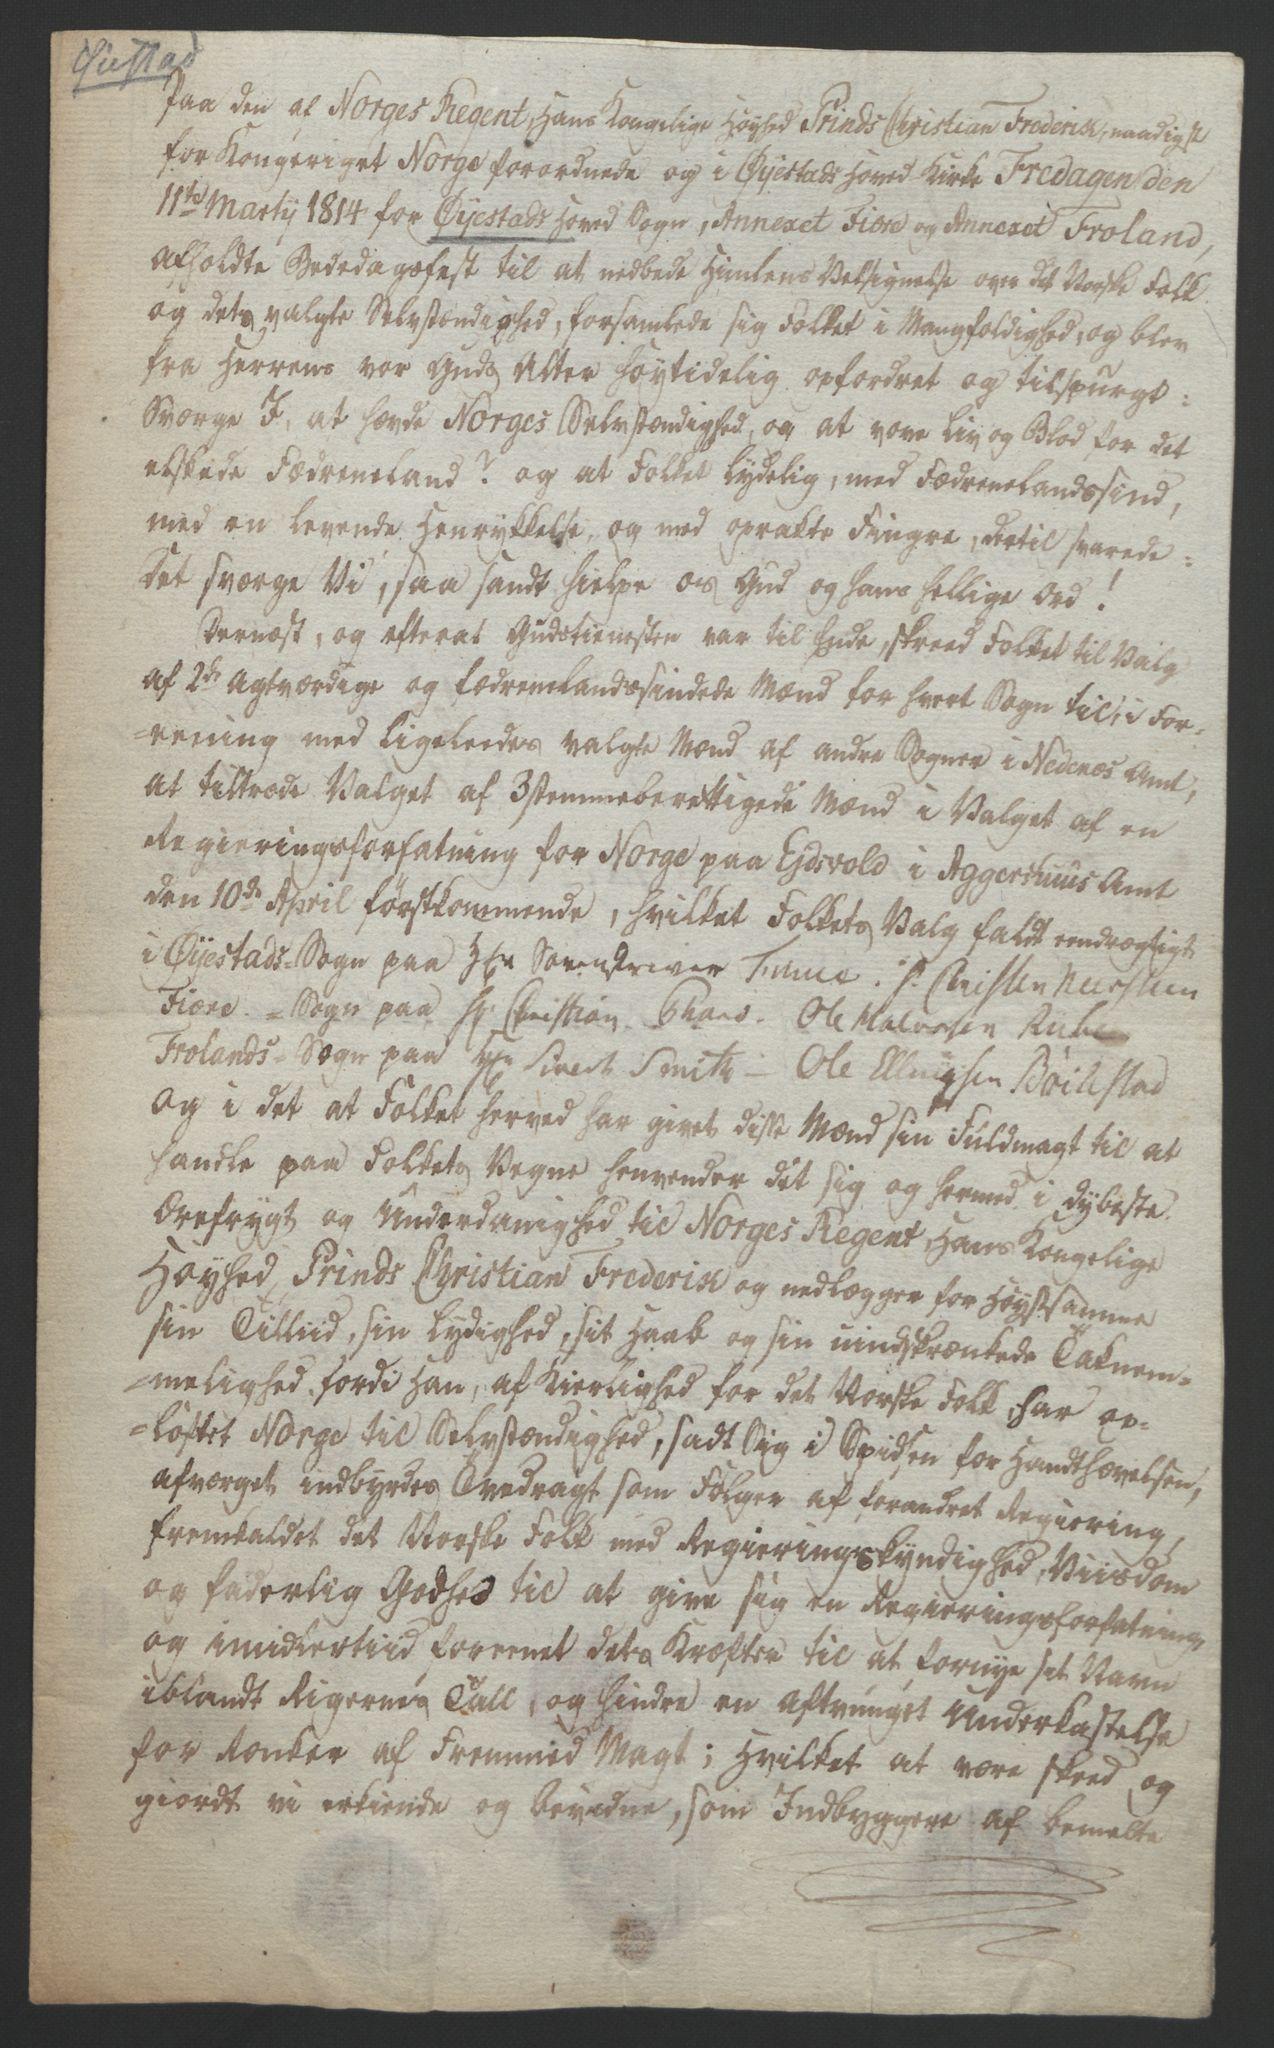 RA, Statsrådssekretariatet, D/Db/L0008: Fullmakter for Eidsvollsrepresentantene i 1814. , 1814, s. 99